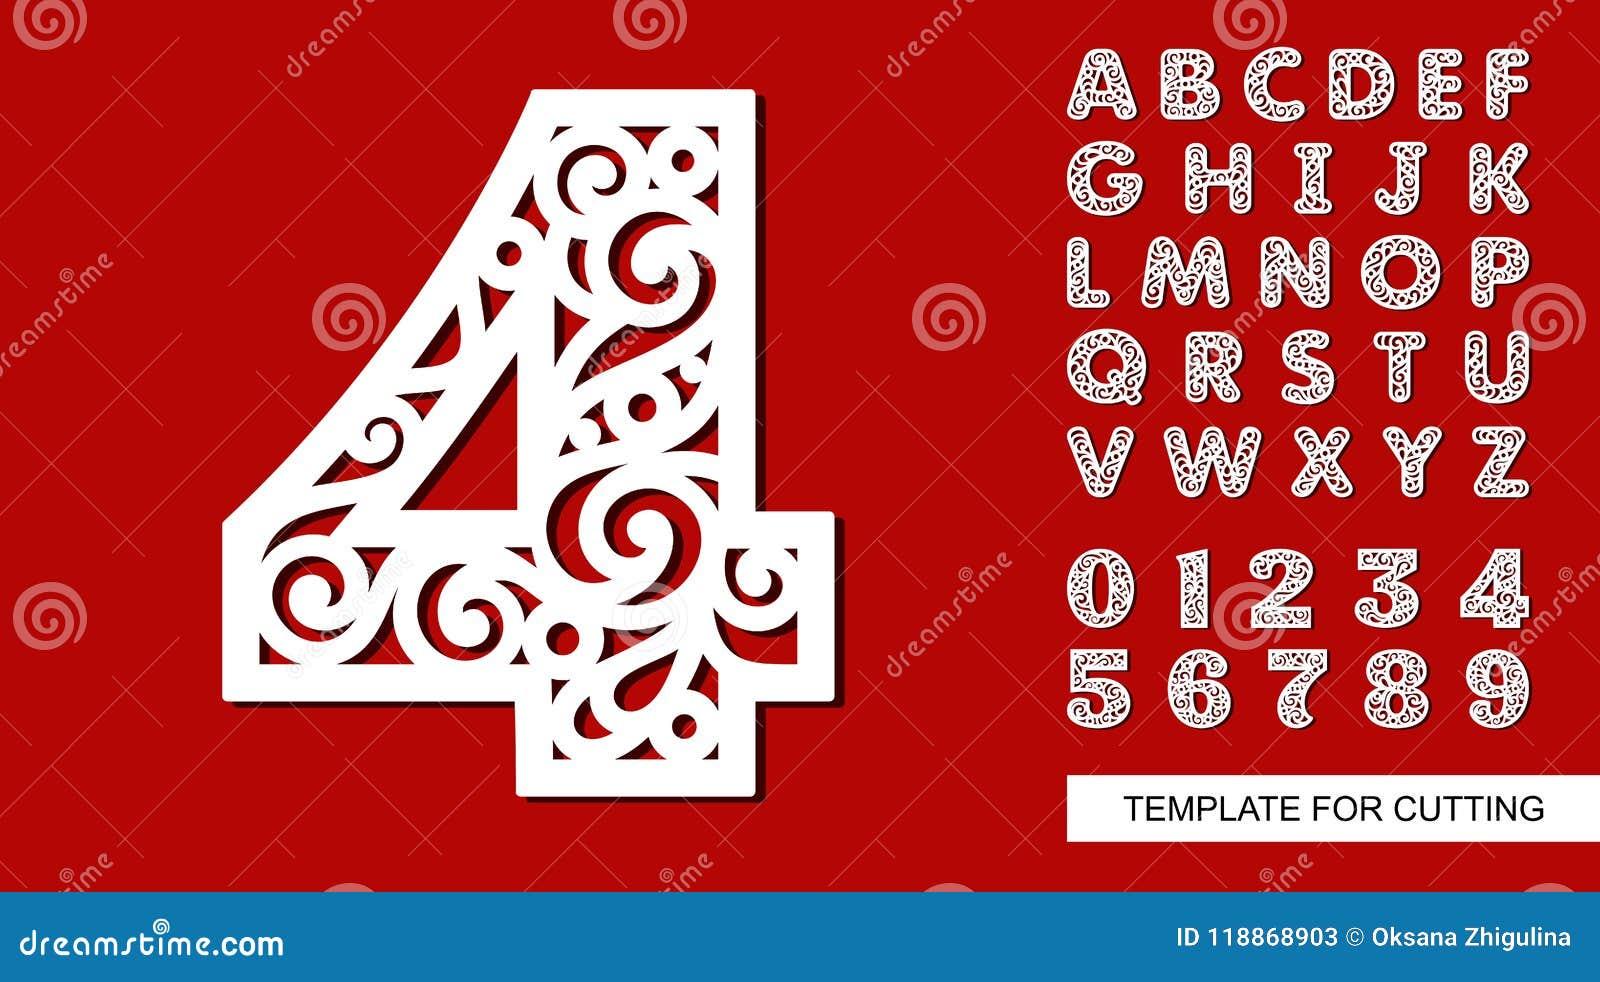 Numero Cuatro 4 Alfabeto Ingles Y Digitos Completos 0 1 2 3 4 5 6 7 8 9 Ilustracion Del Vector Ilustracion De Digitos Completos 118868903